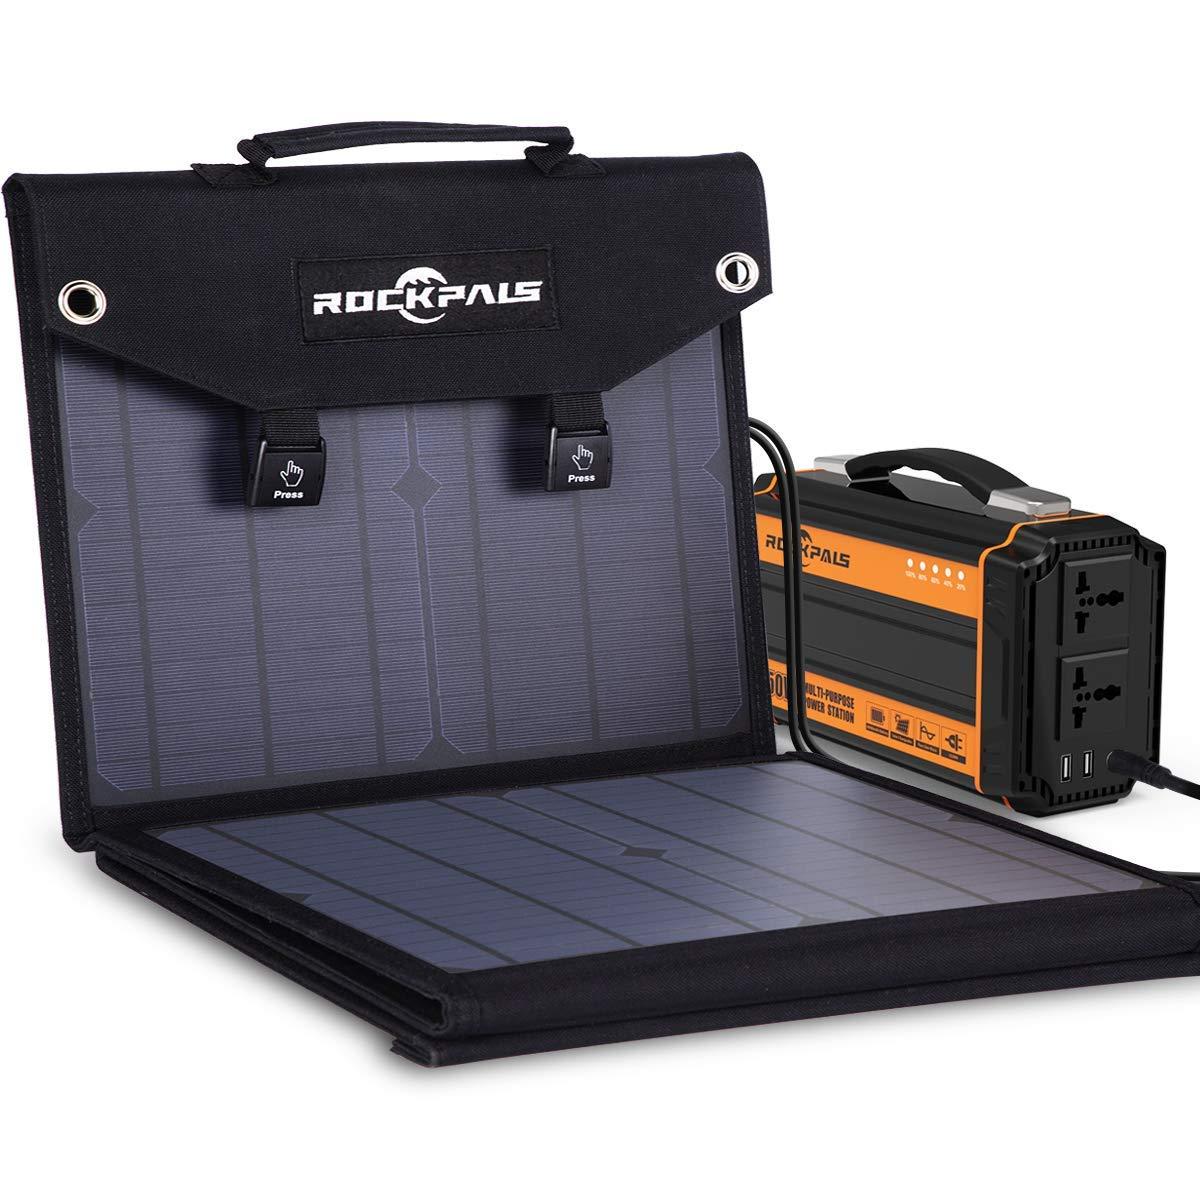 RV Solar Panels|Camping Solar Panels|solar panel kits